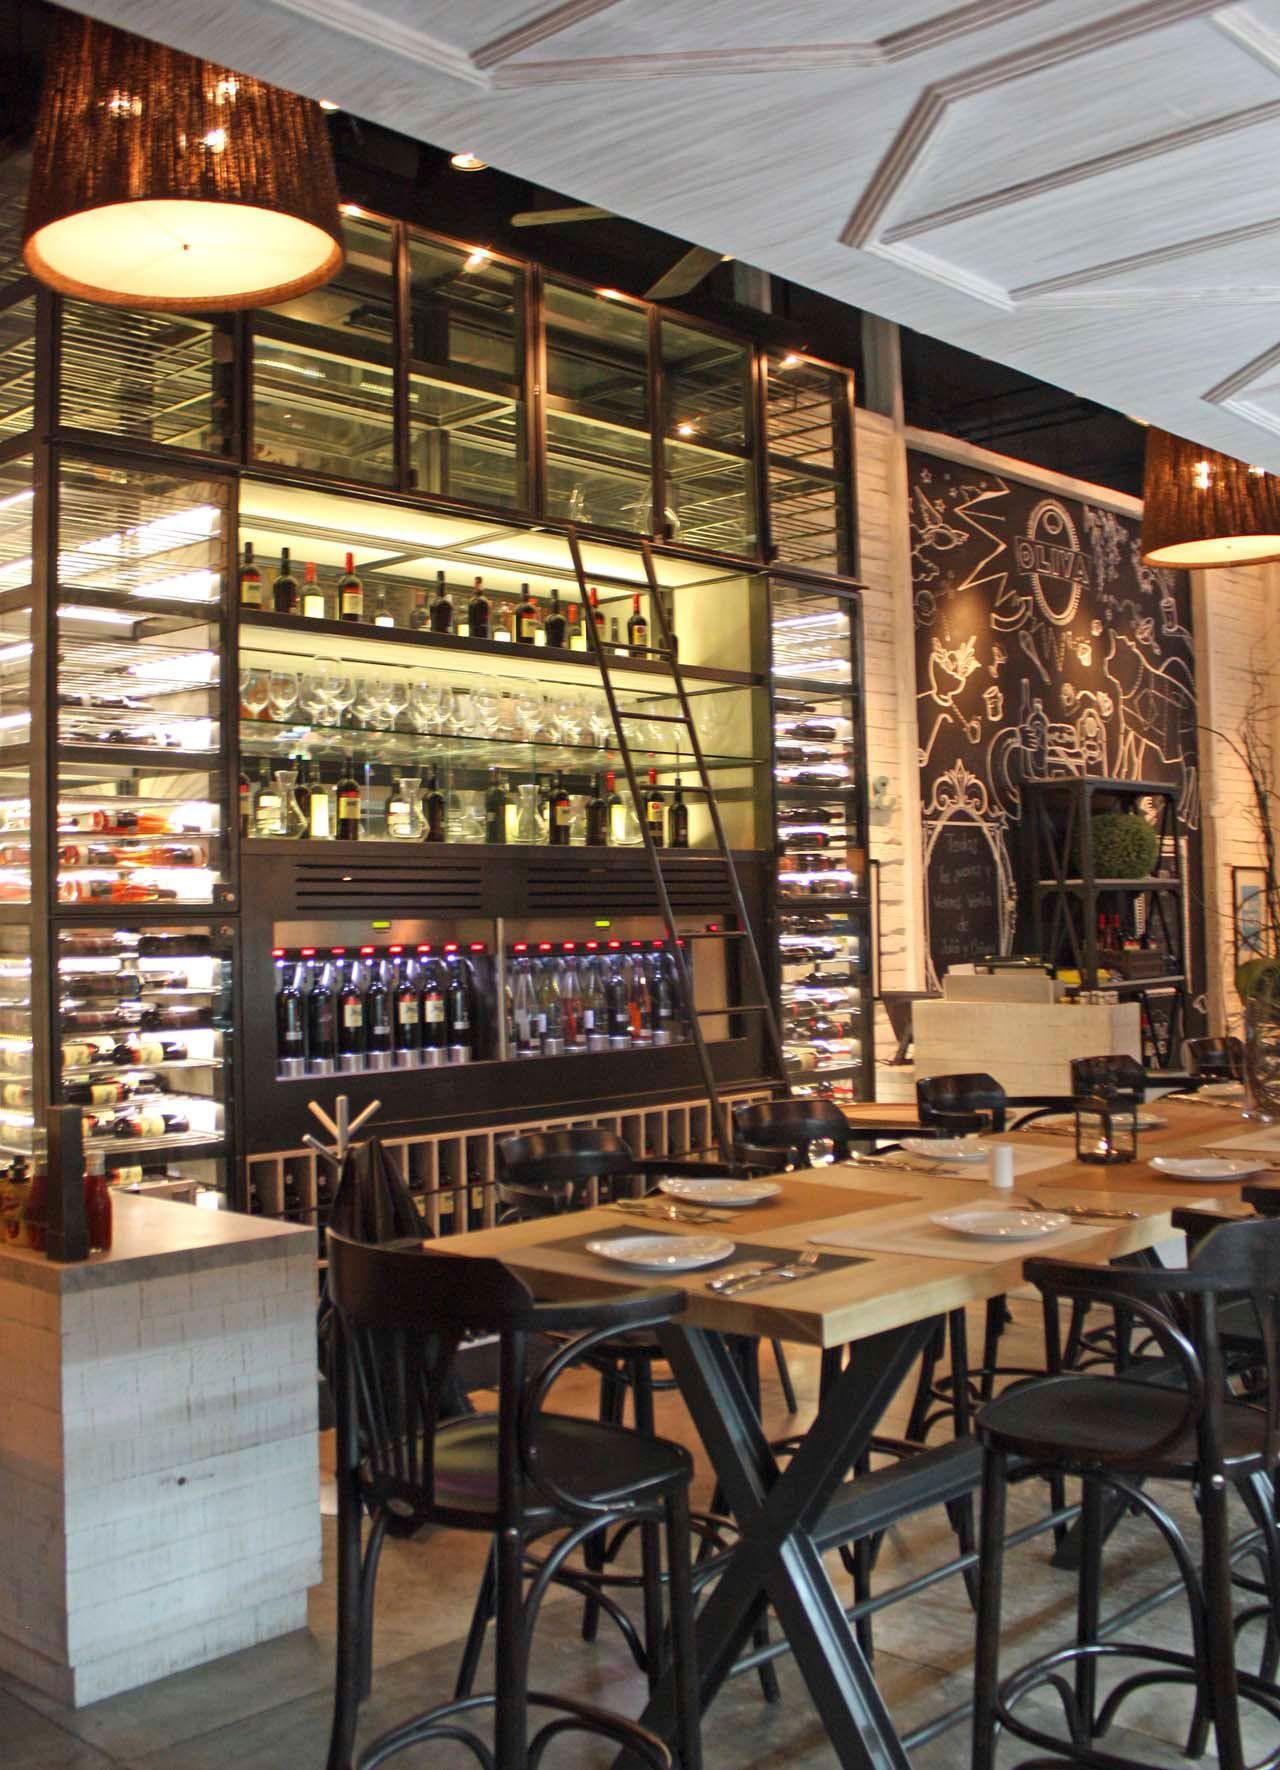 Wine Cellar  Deli Restaurant And Wine Shop Interior Design Project